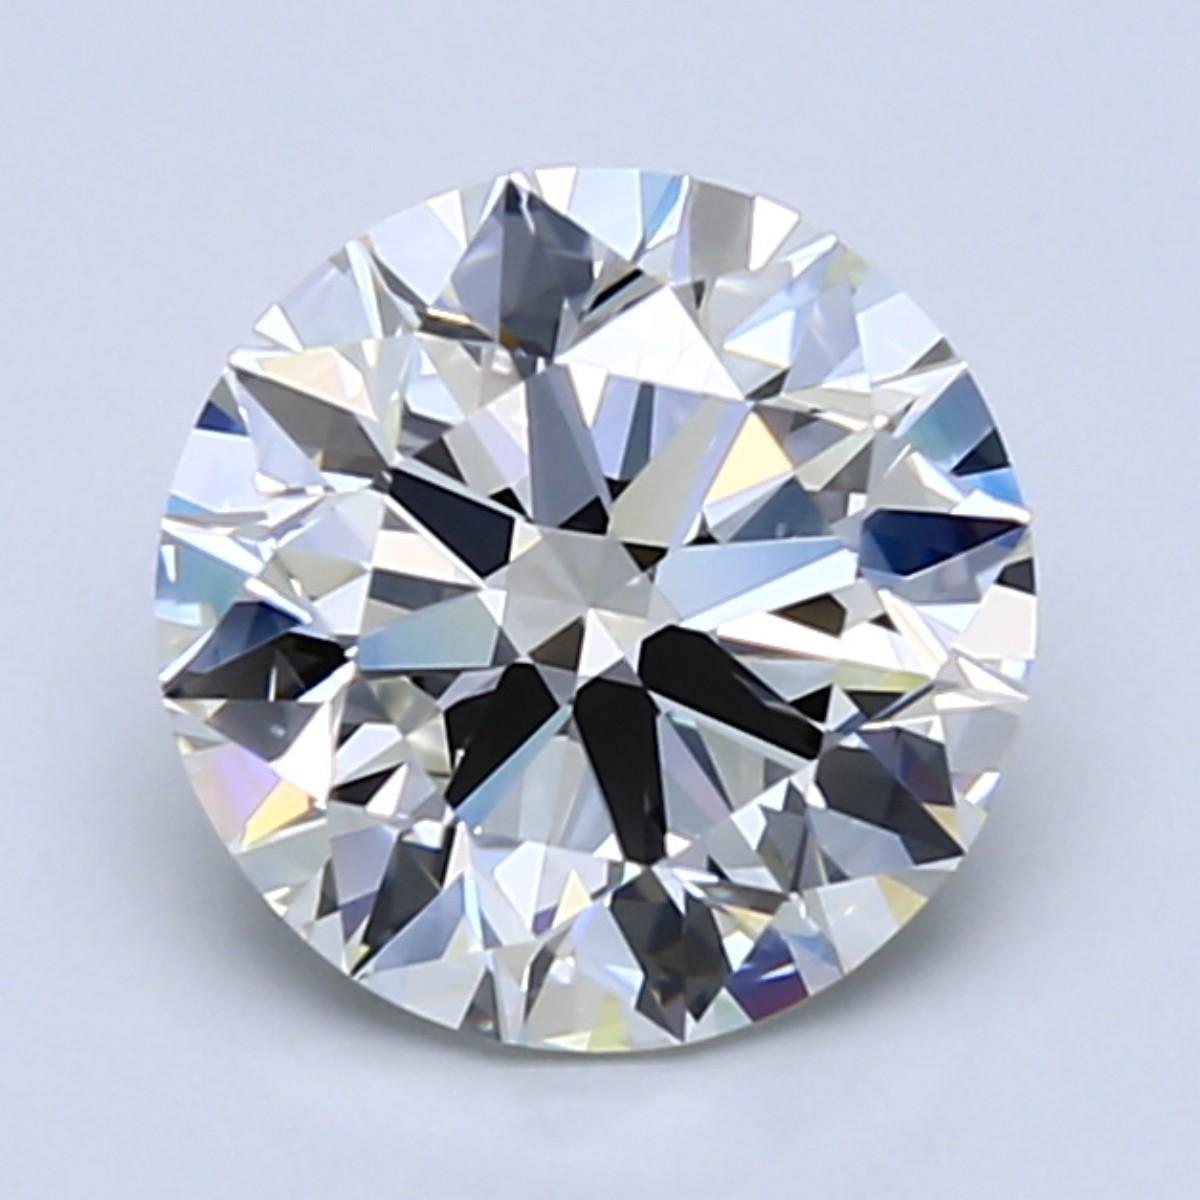 2 carat I color diamond